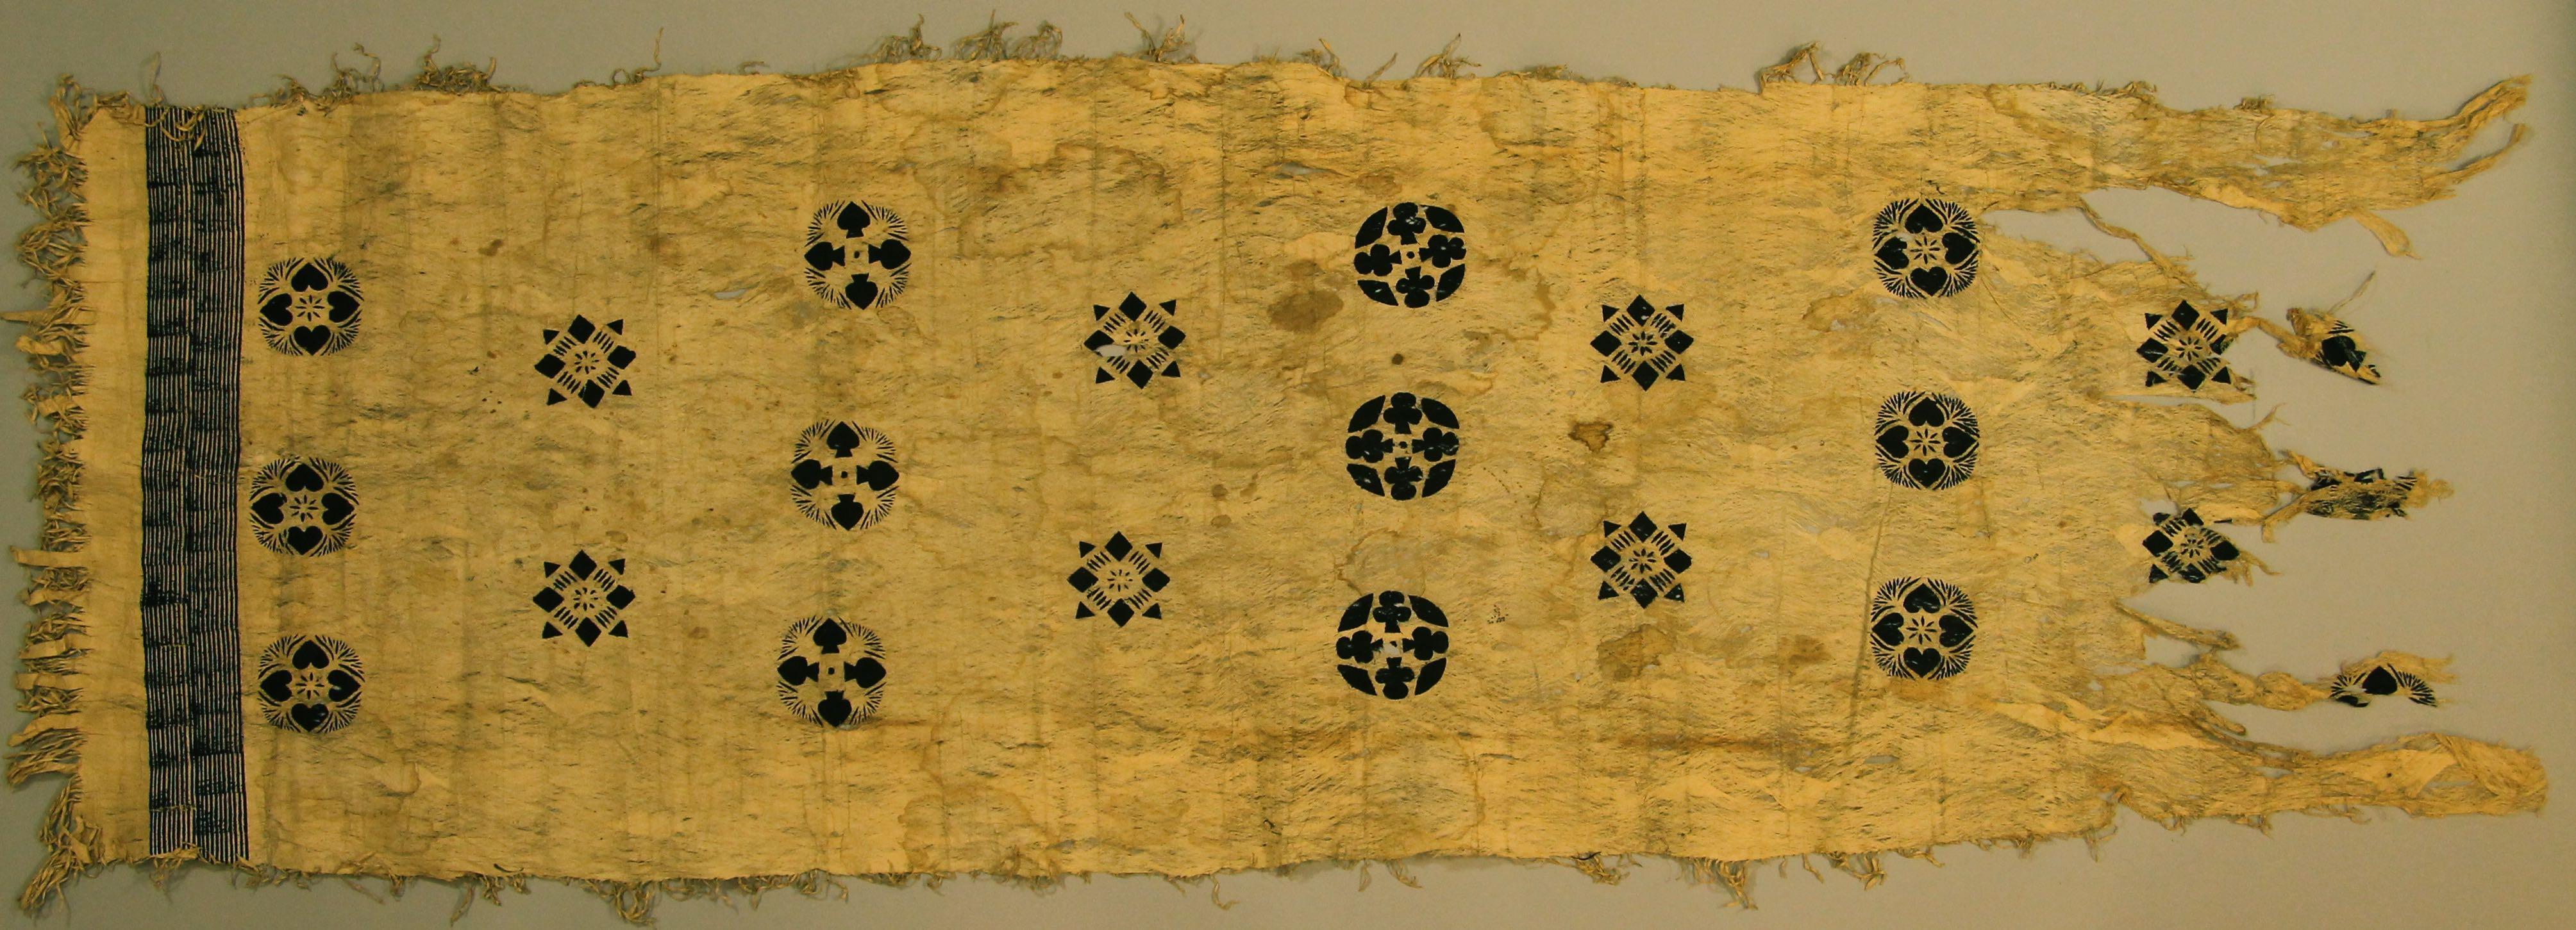 Tapa (fragment)